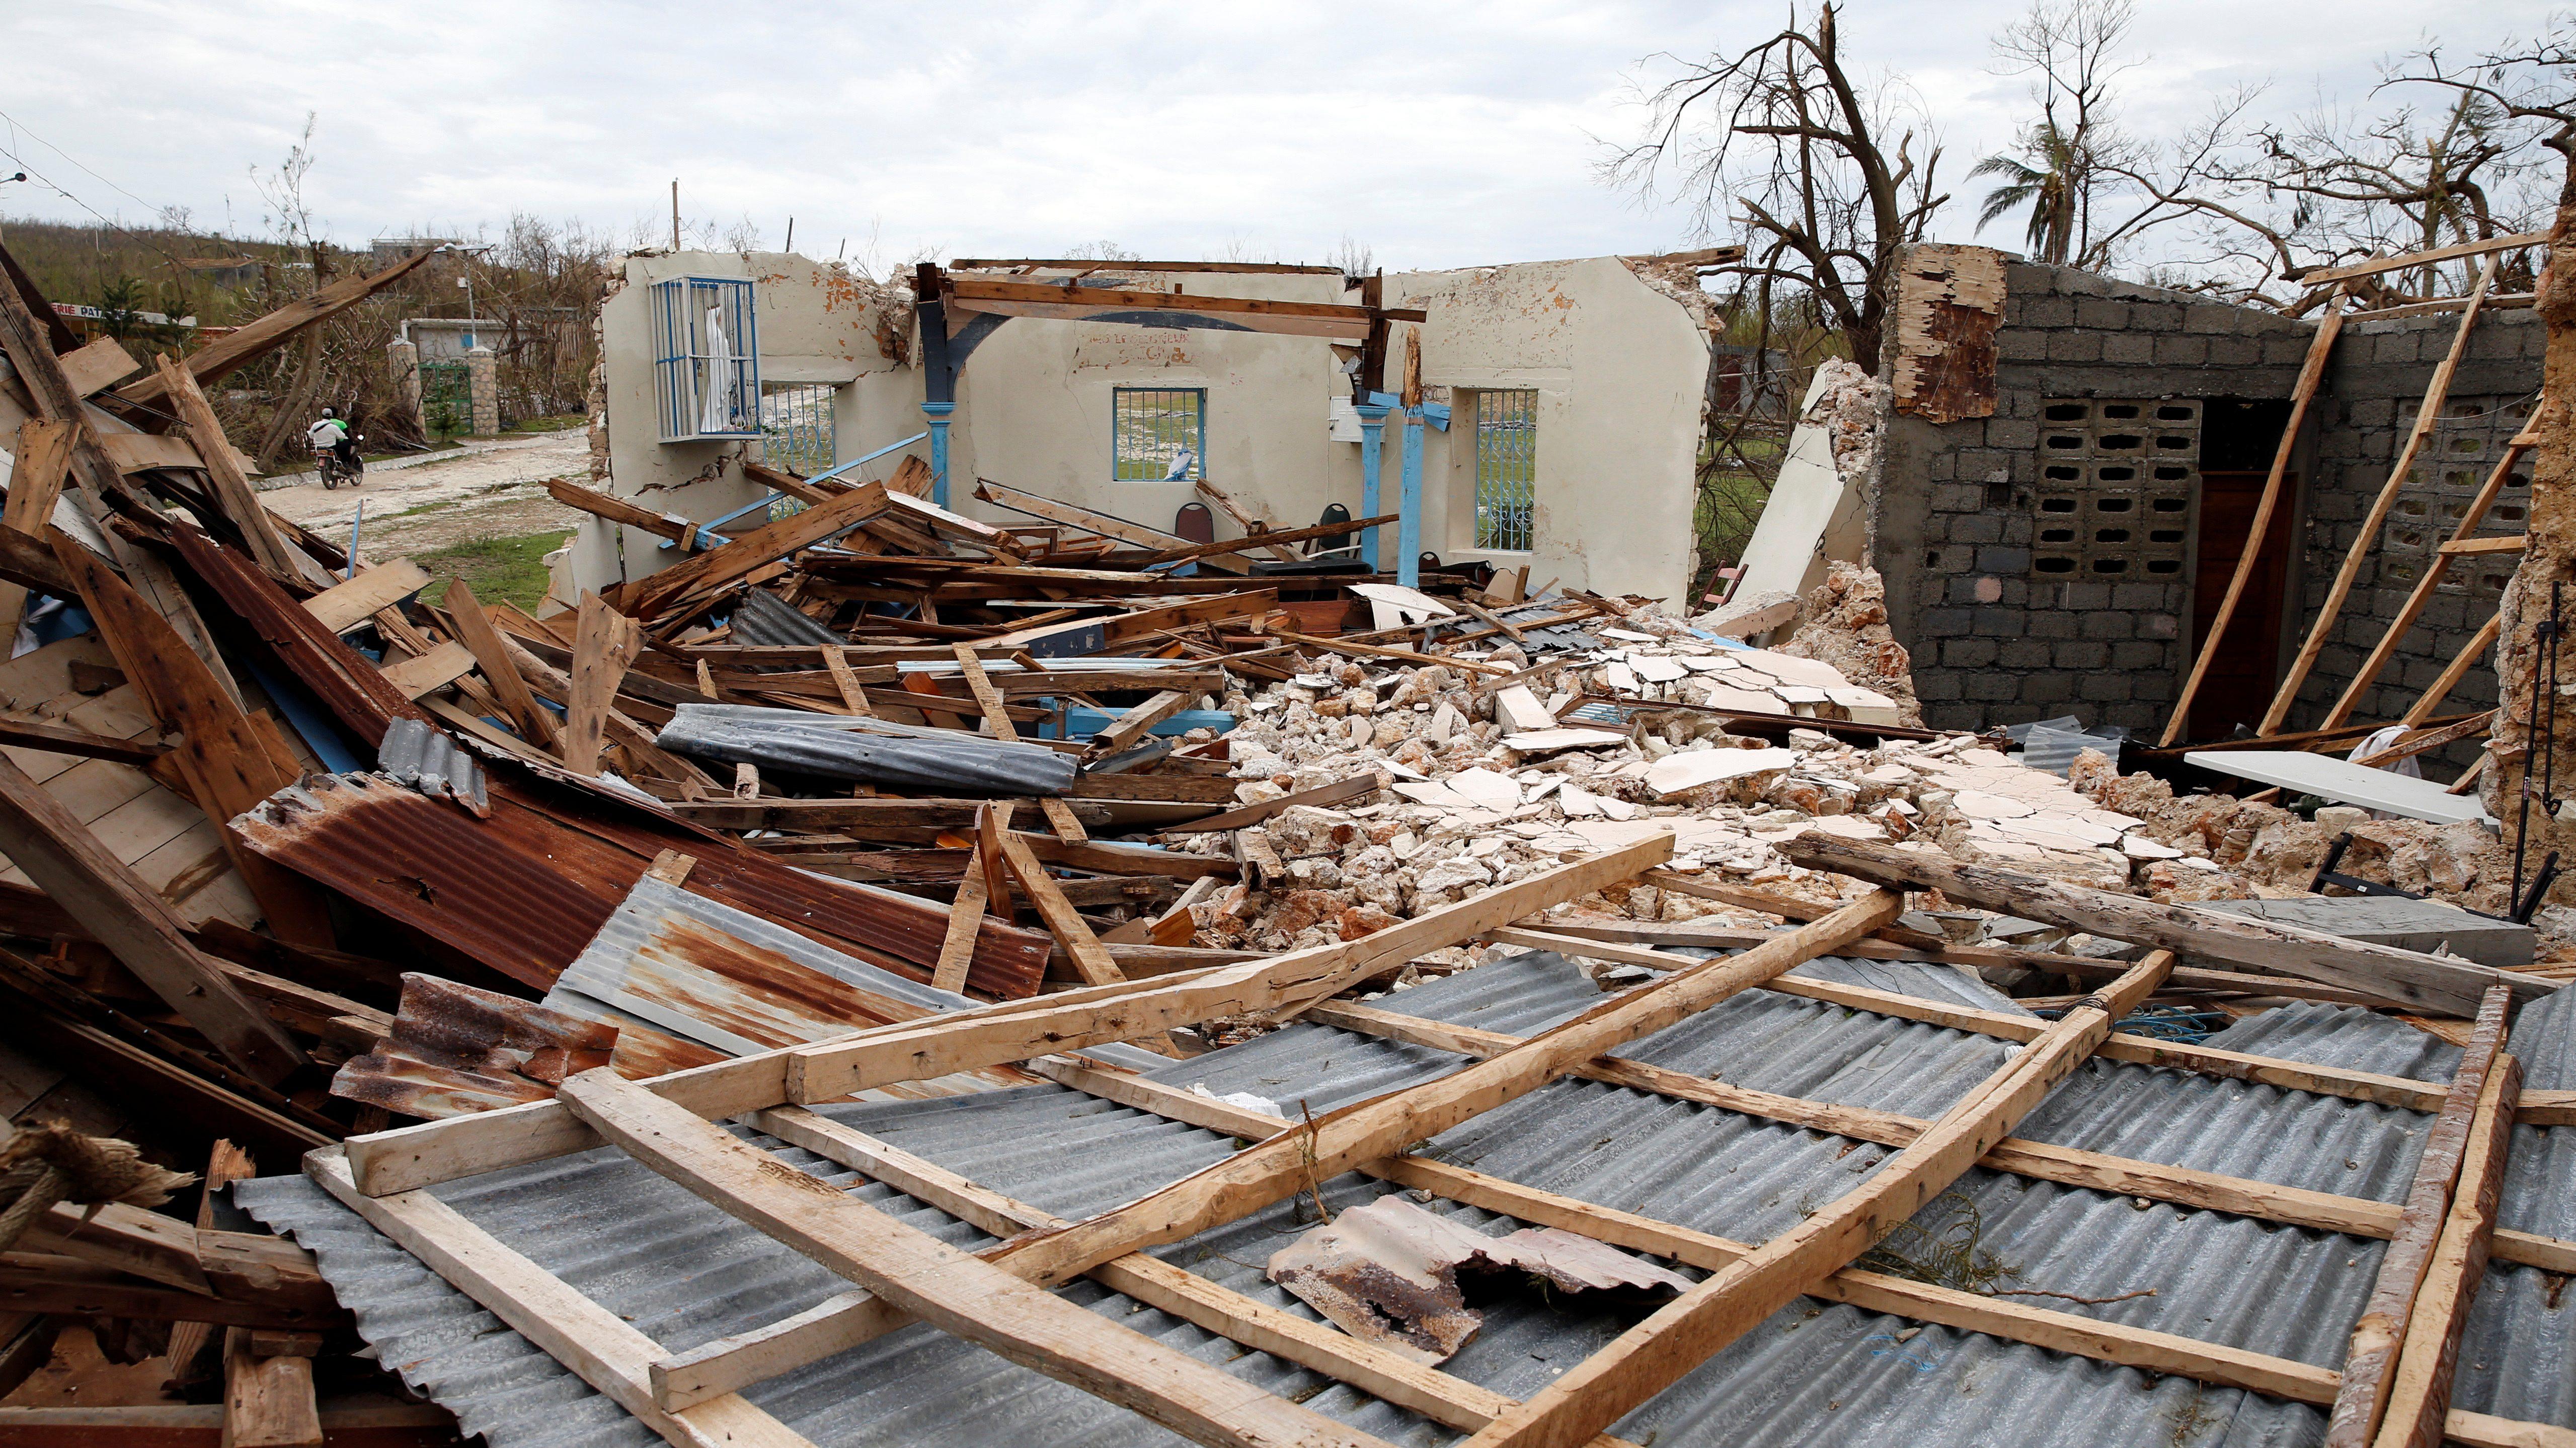 A destroyed church after Hurricane Matthew